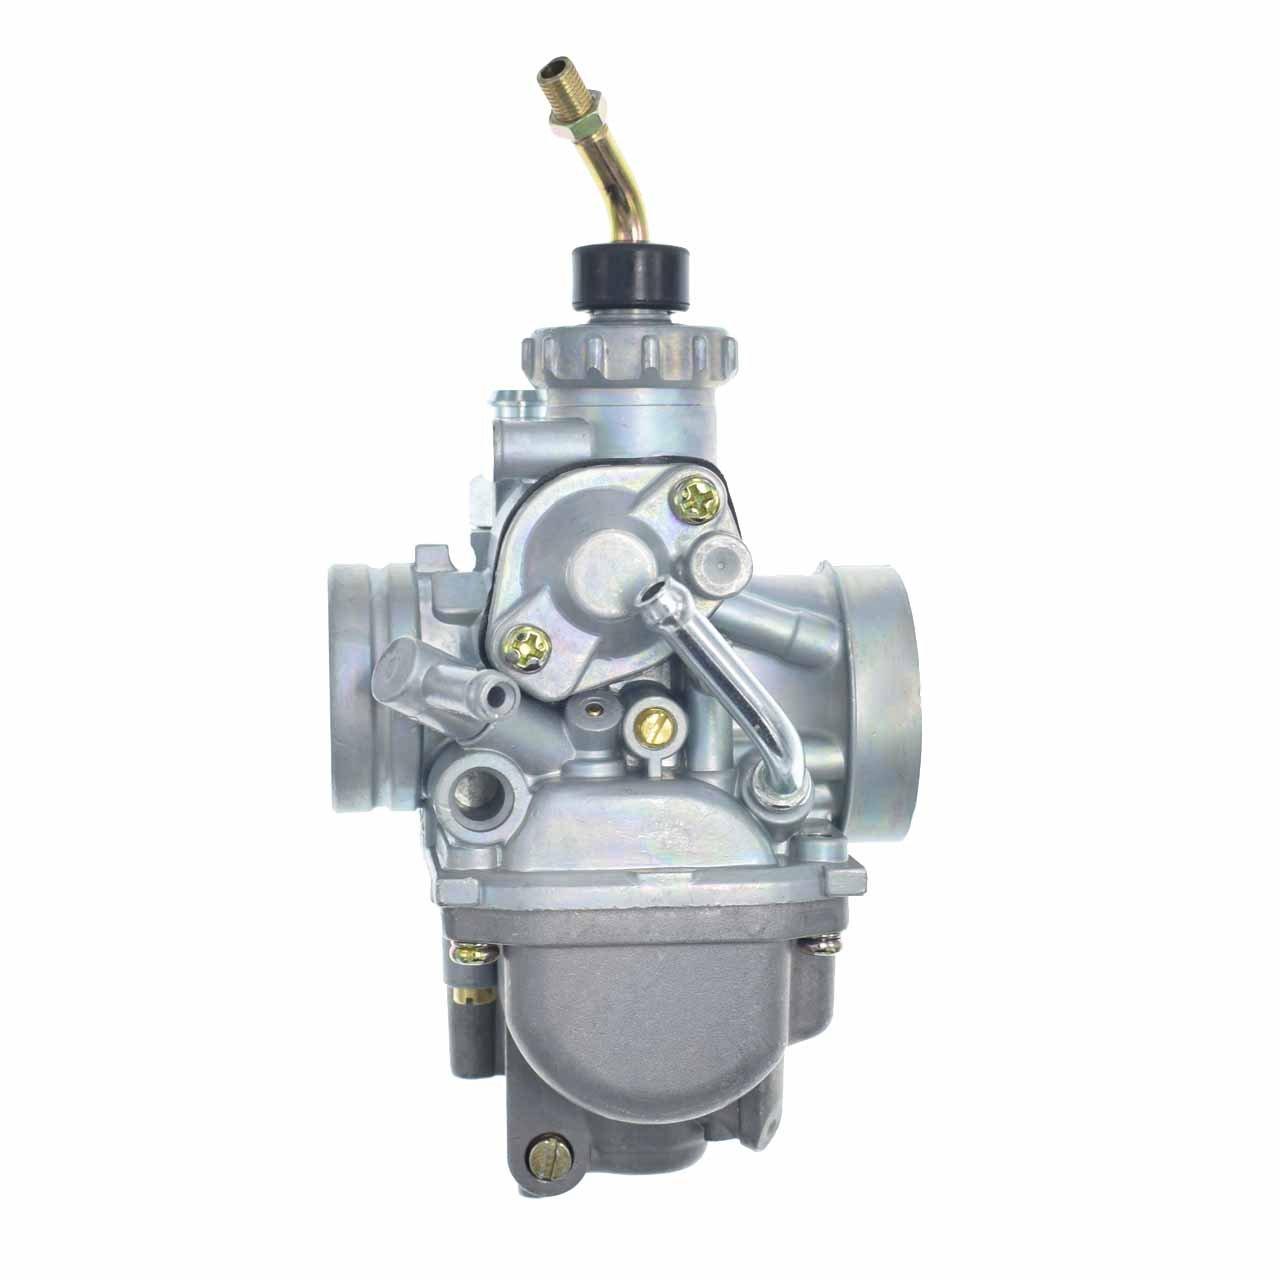 New TTR125 Carburetor for YAMAHA TTR 125 TTR-125 Carb Carborator 2000-2007 Yamaha TTR125L TTR125E TTR125LETTR125 by FYIYI (Image #3)